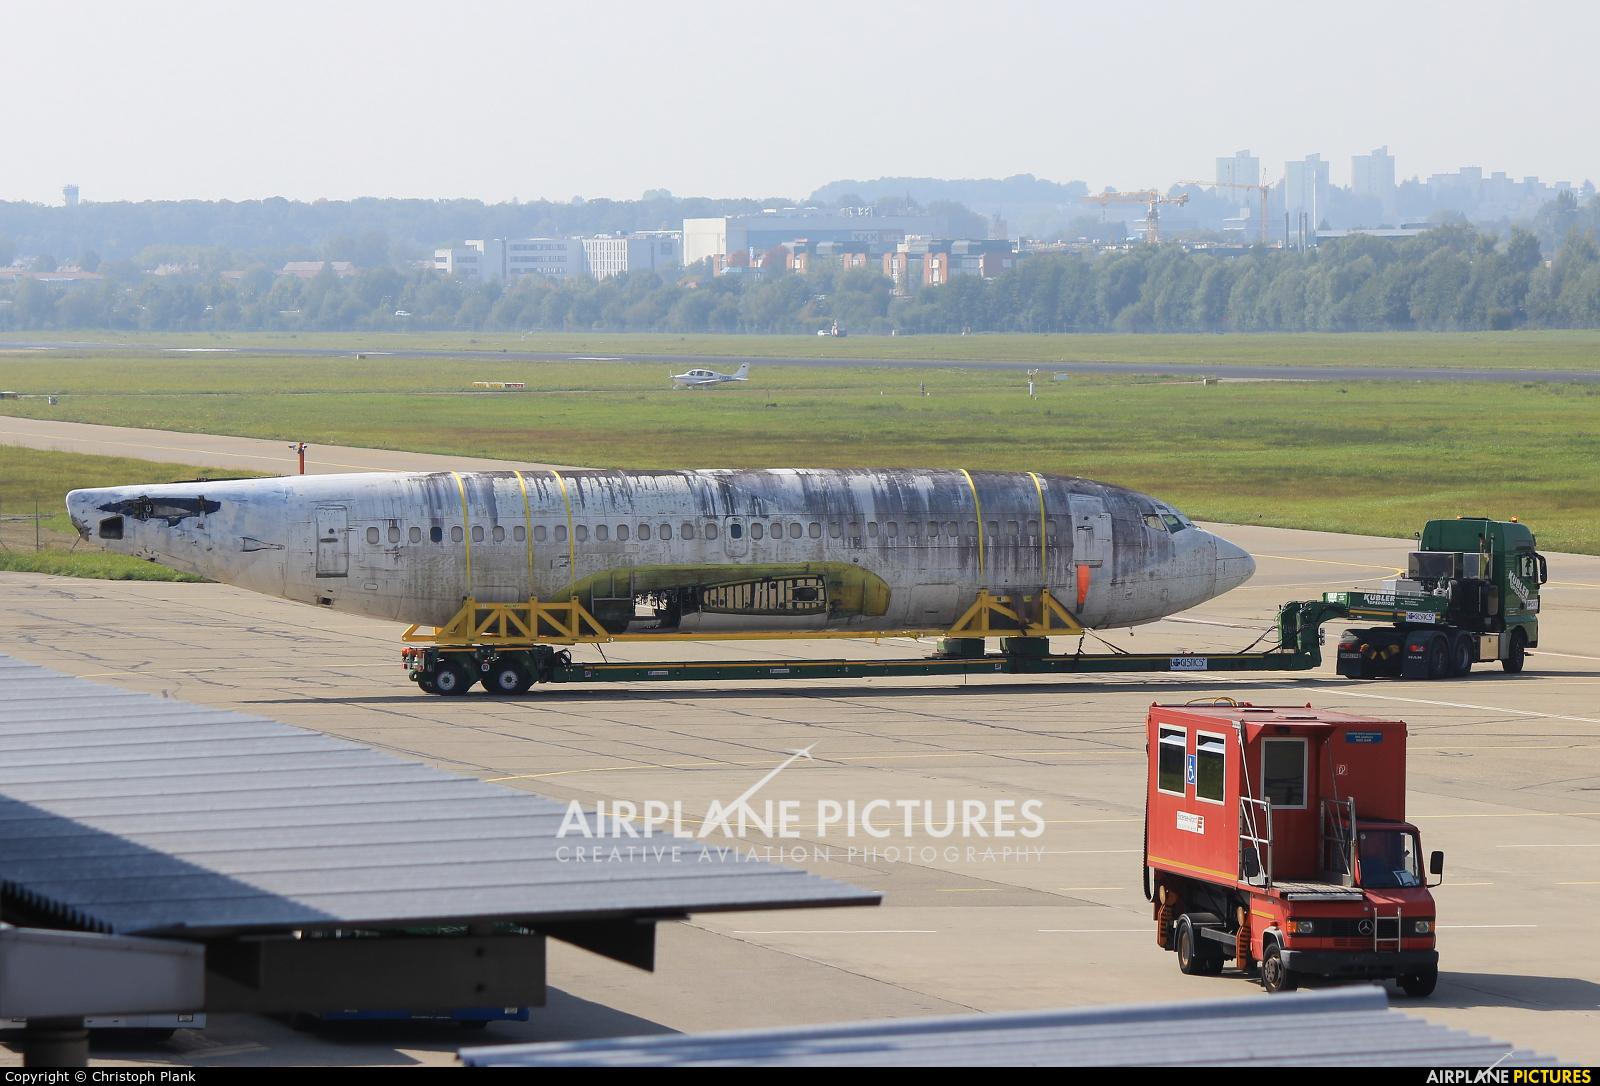 Lufthansa D-ABCE aircraft at Friedrichshafen